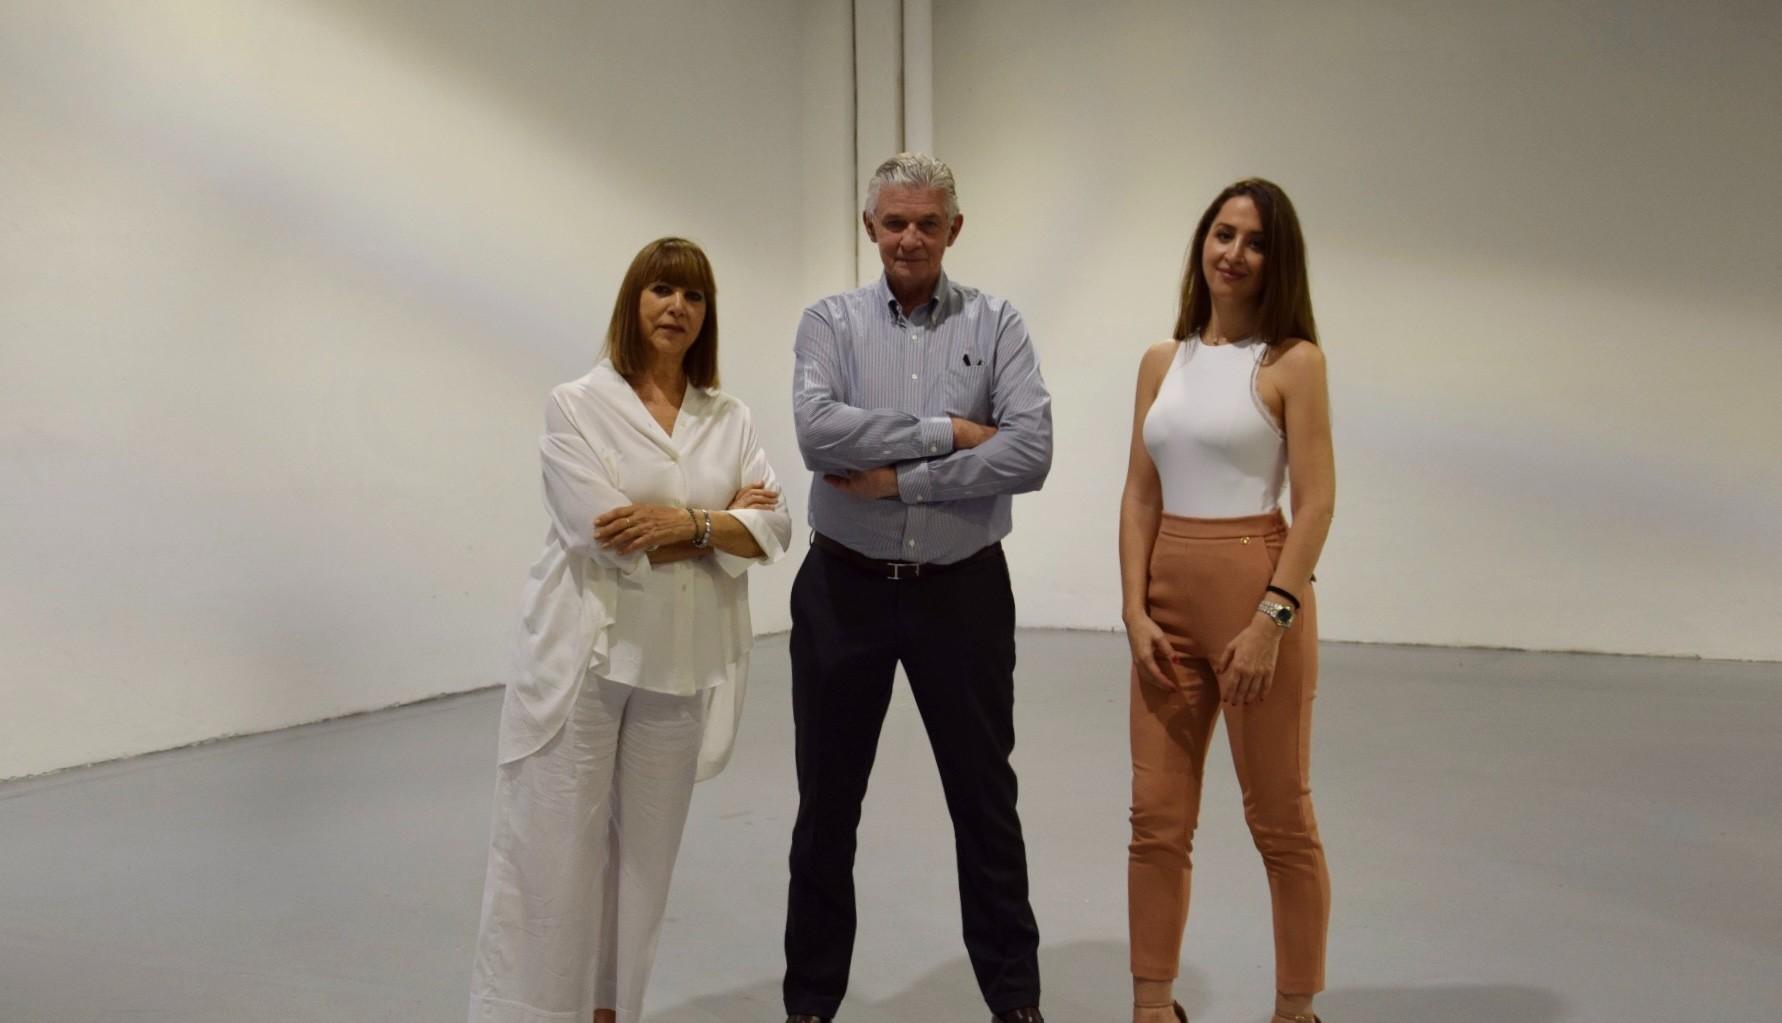 Giulio Cappelllini and Gisella Borioli with Camilla Bellini at Cult&Must